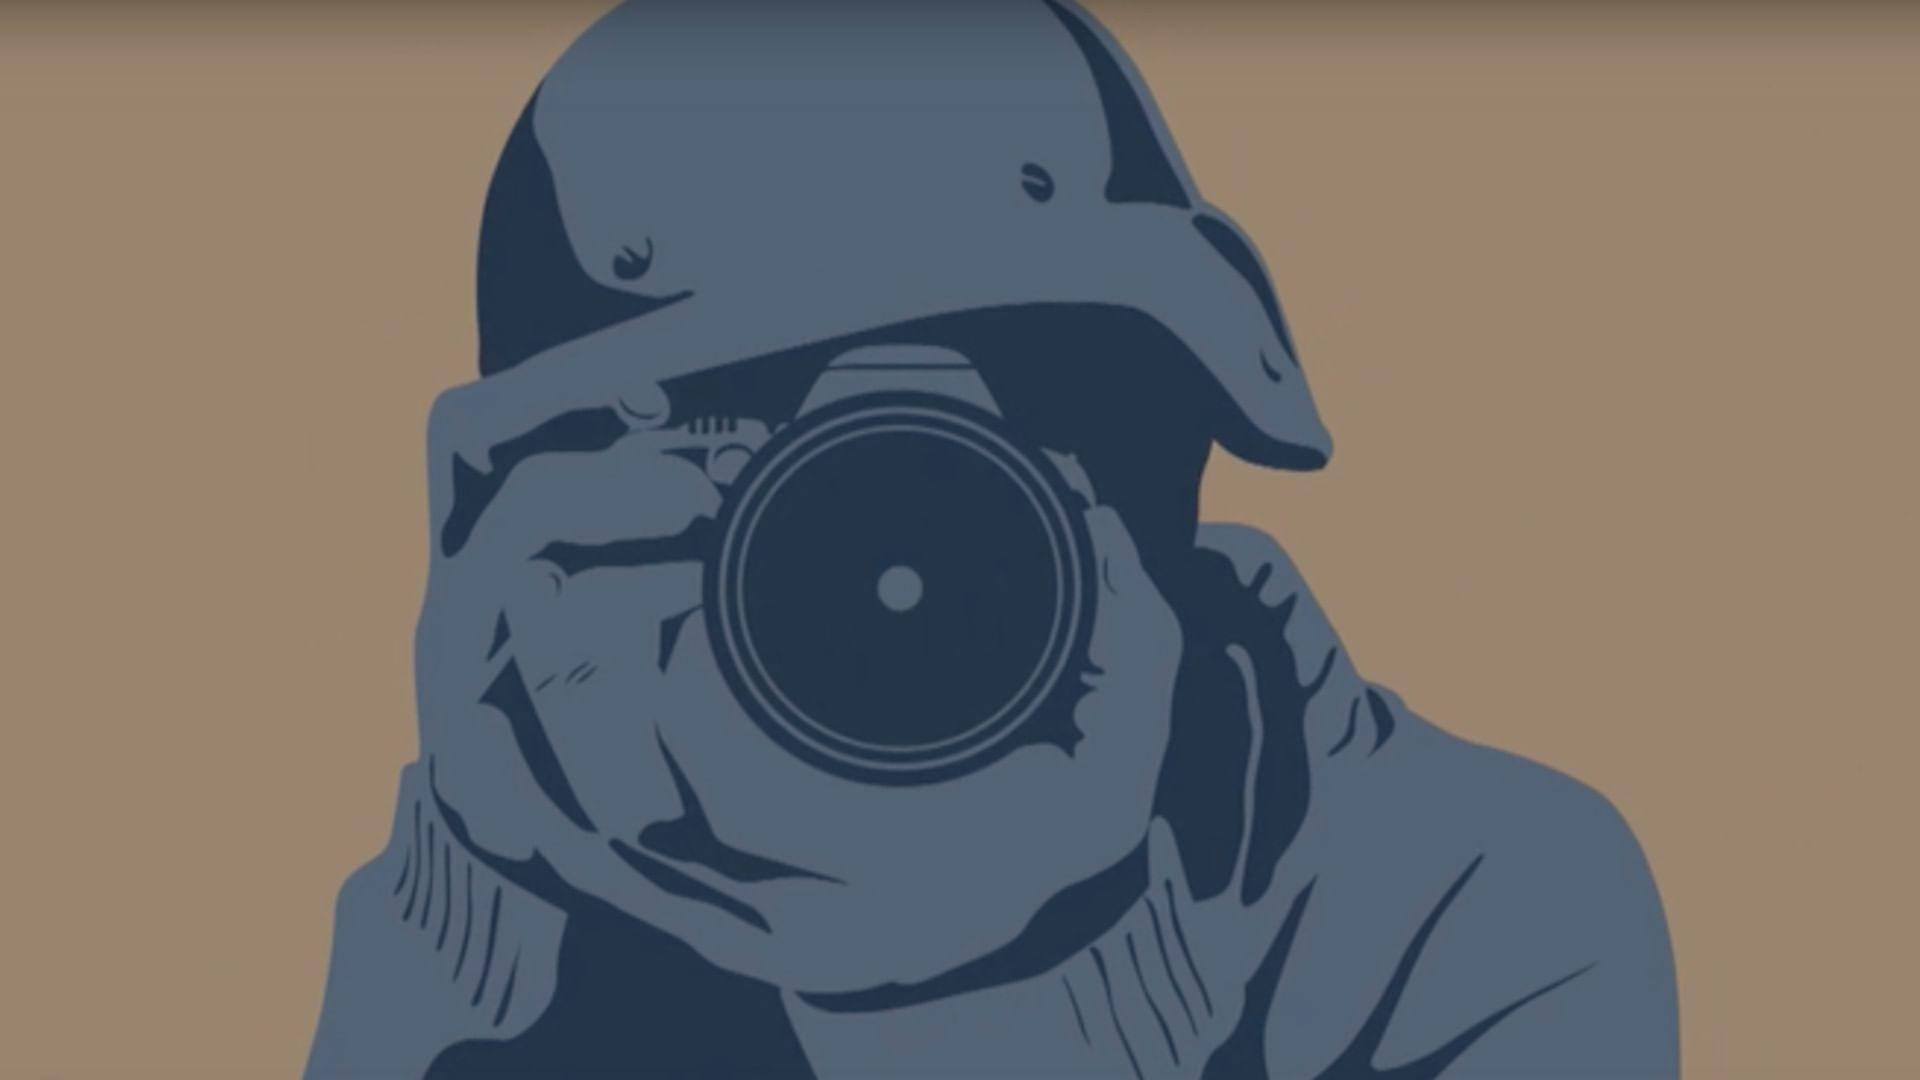 Fotojournalisten: die großen Zeugen